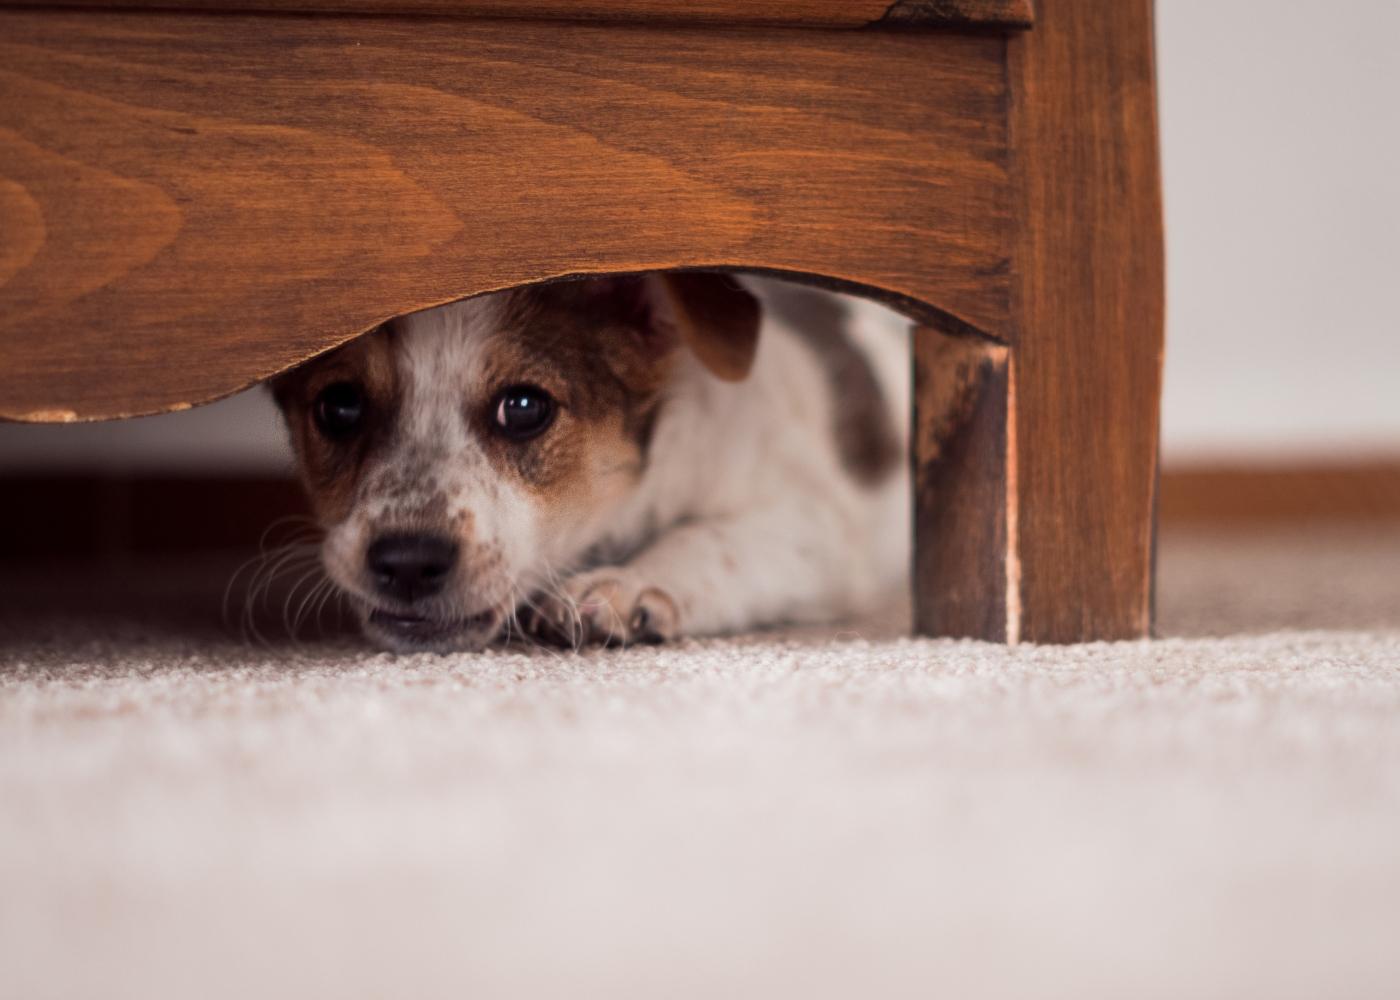 Cão com medo debaixo de uma cadeira